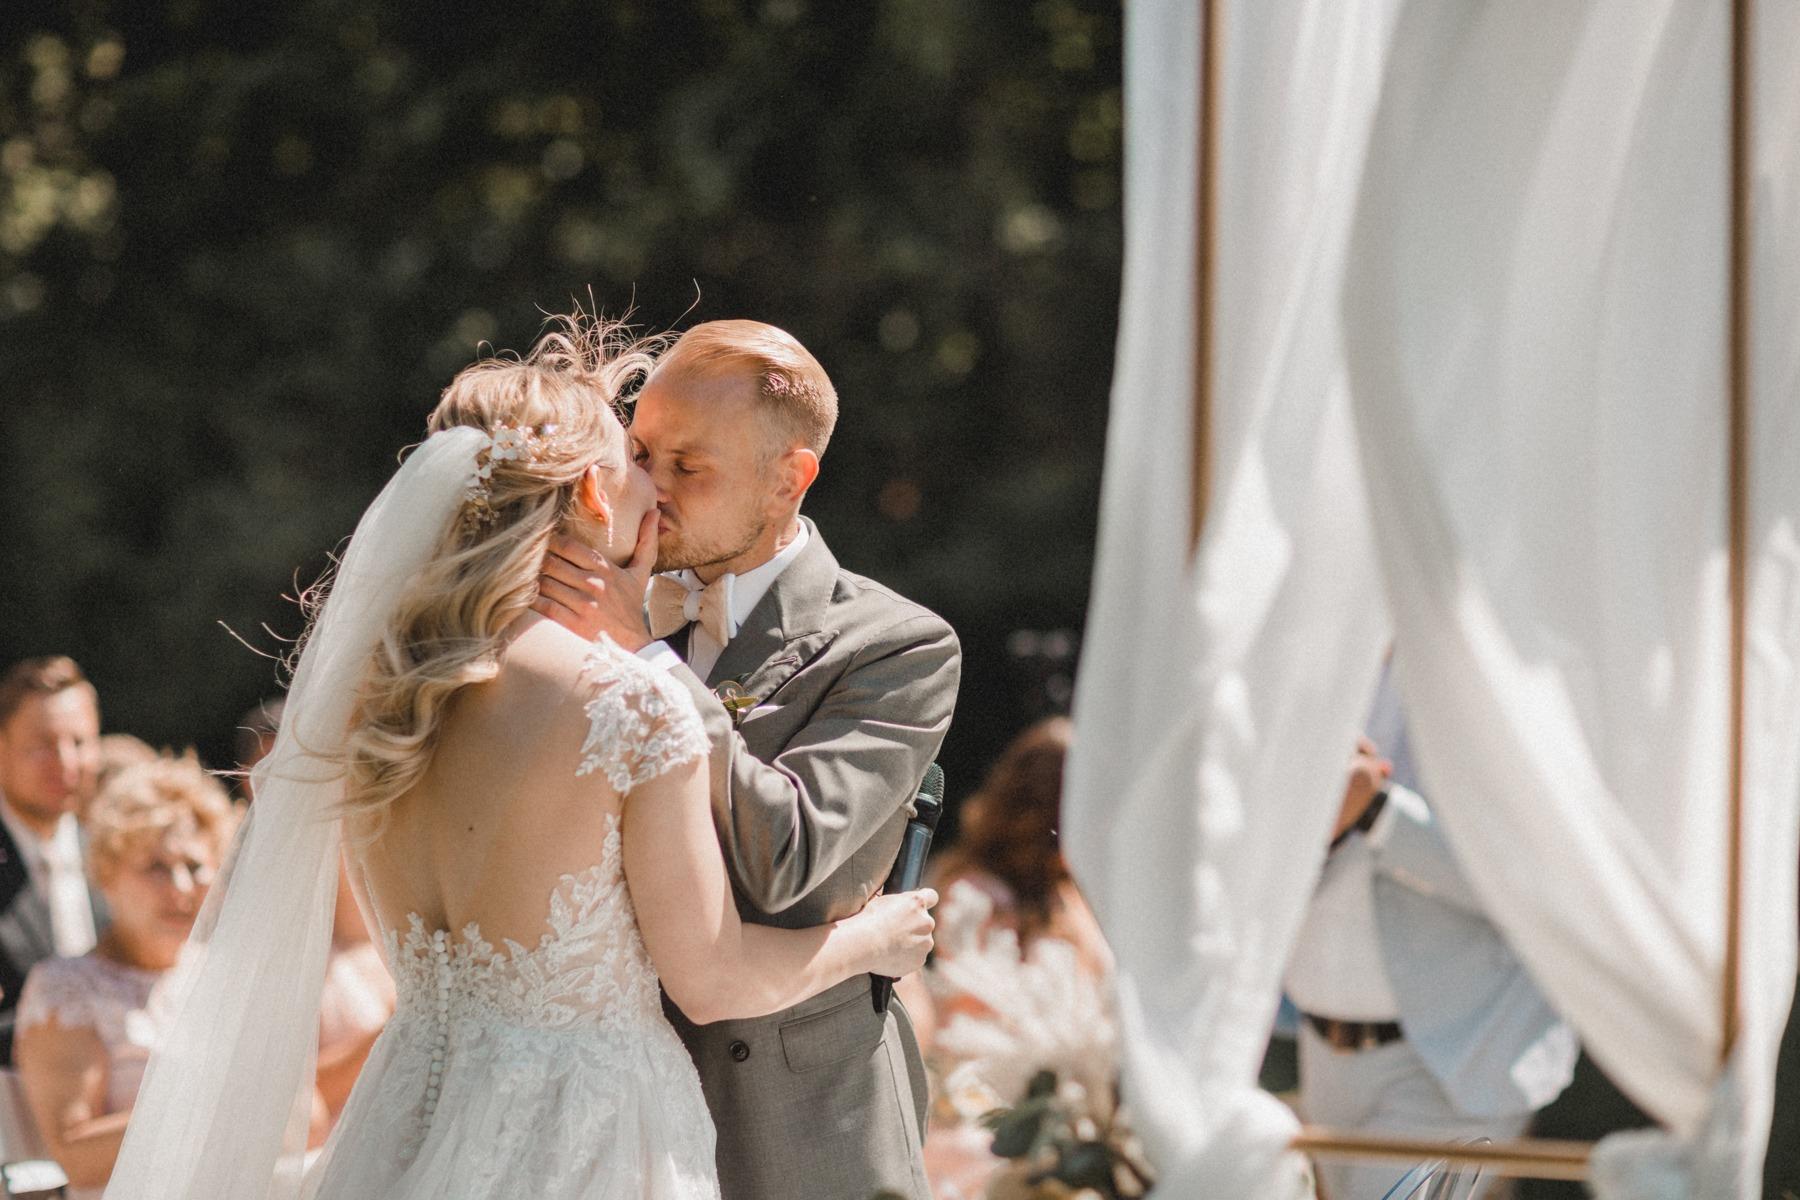 Der erste Kuss nach dem Ehegelöbnis